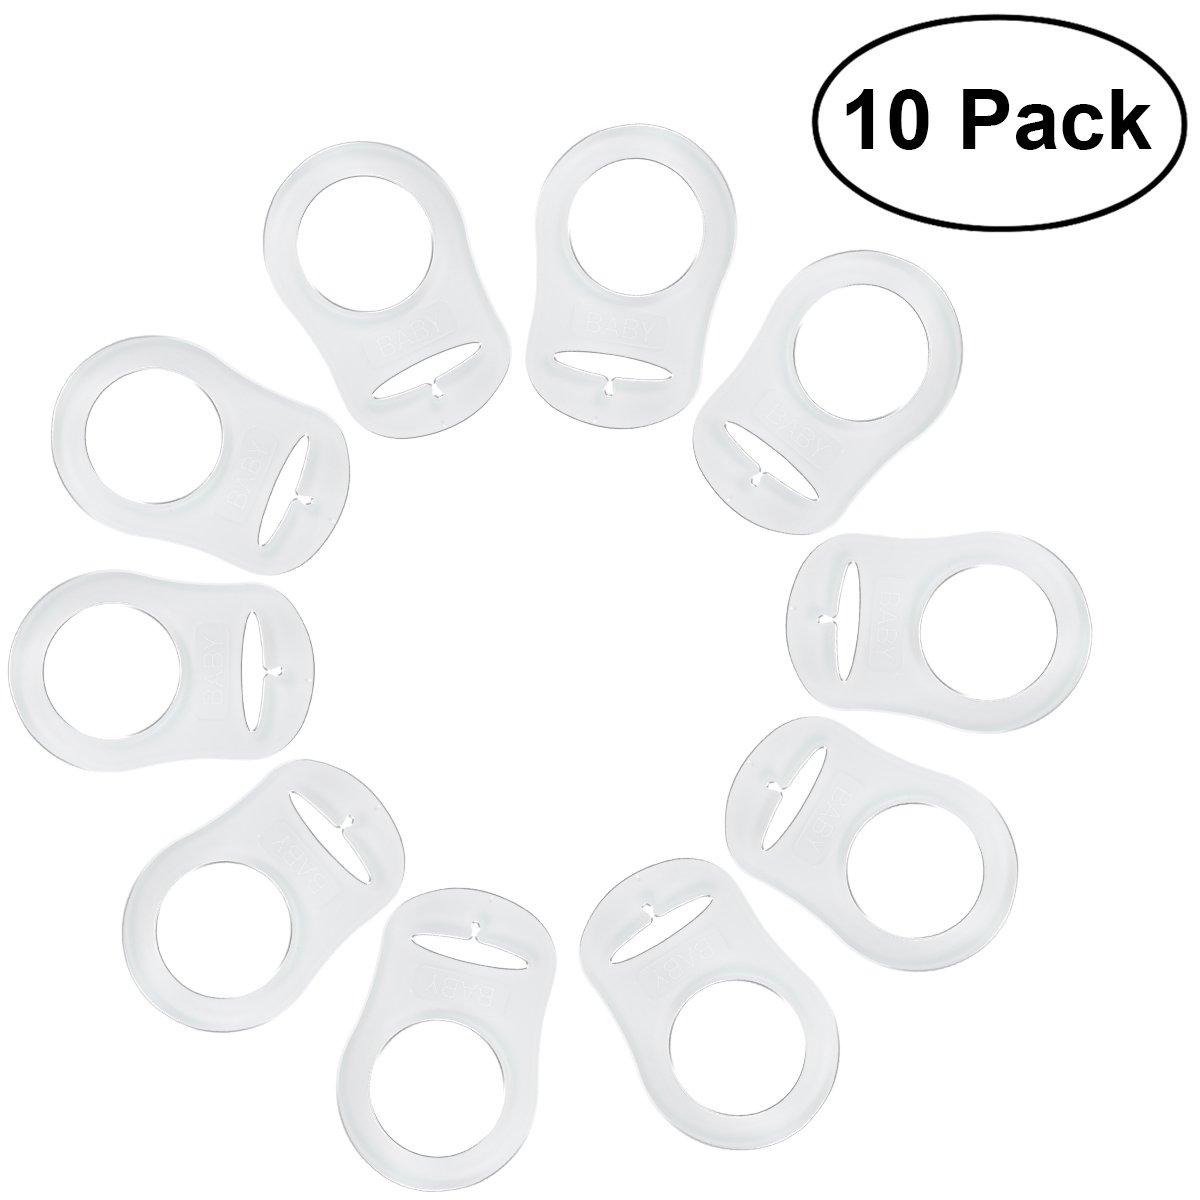 NUOLUX 10pcs Anillo de Silicona Chupete Soporte Clip de adaptador transparente